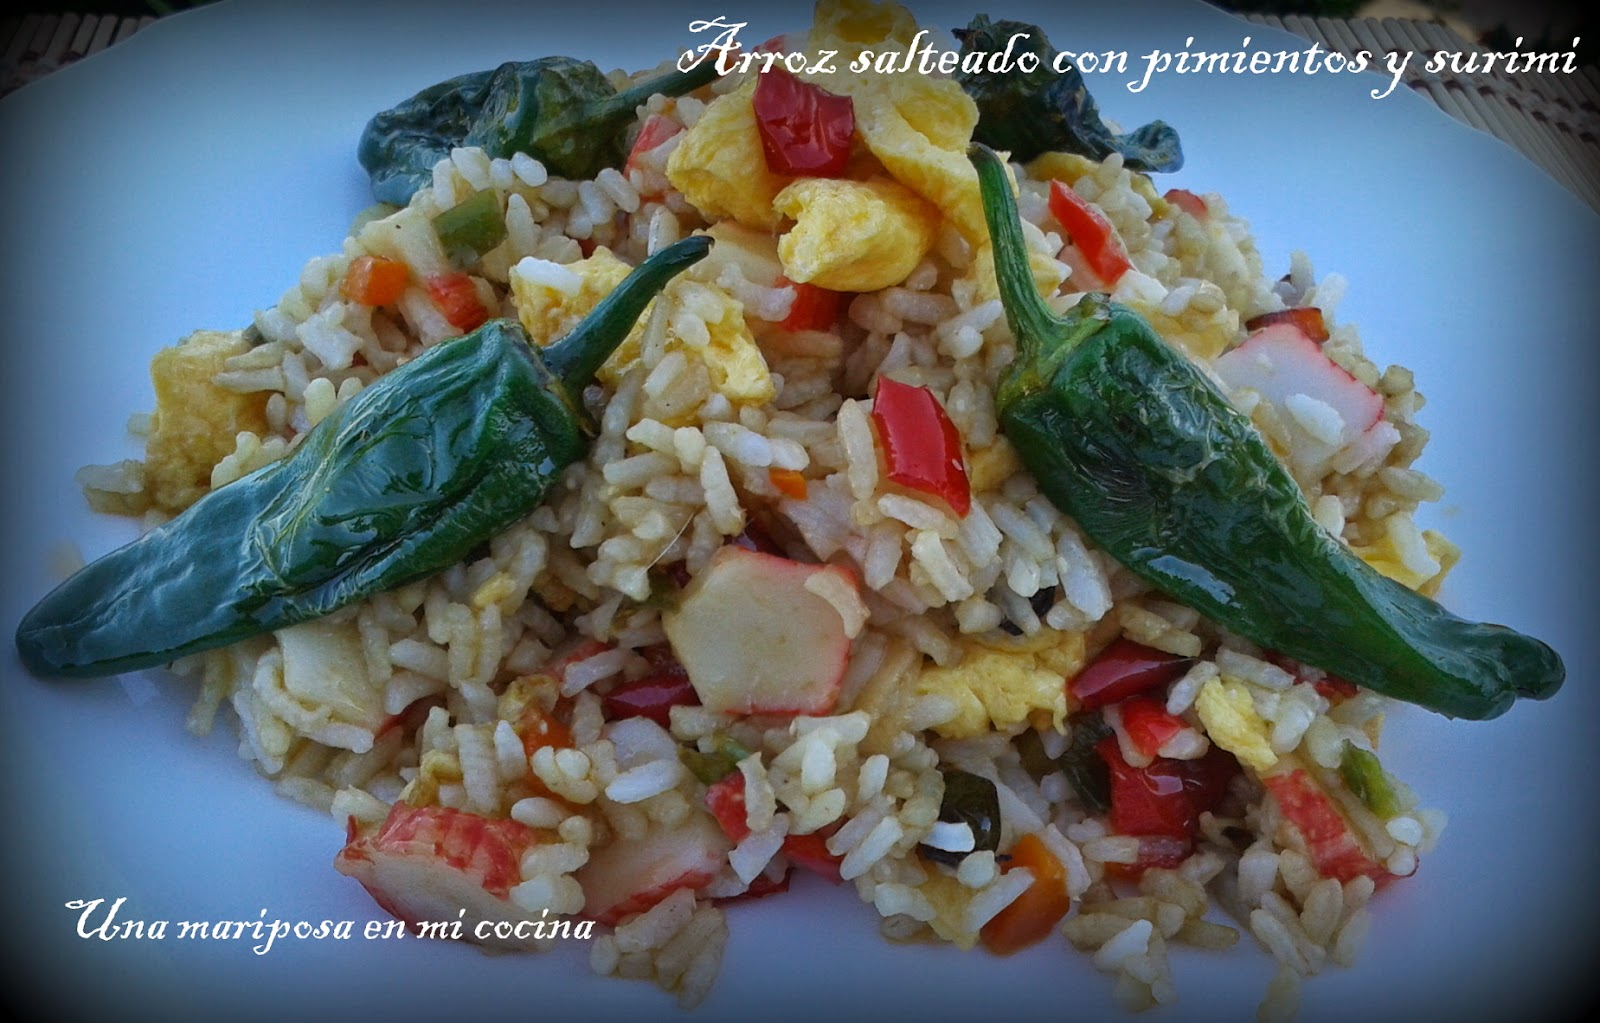 Arroz salteado con pimientos y surimi recetas de cocina - Salteado de arroz ...